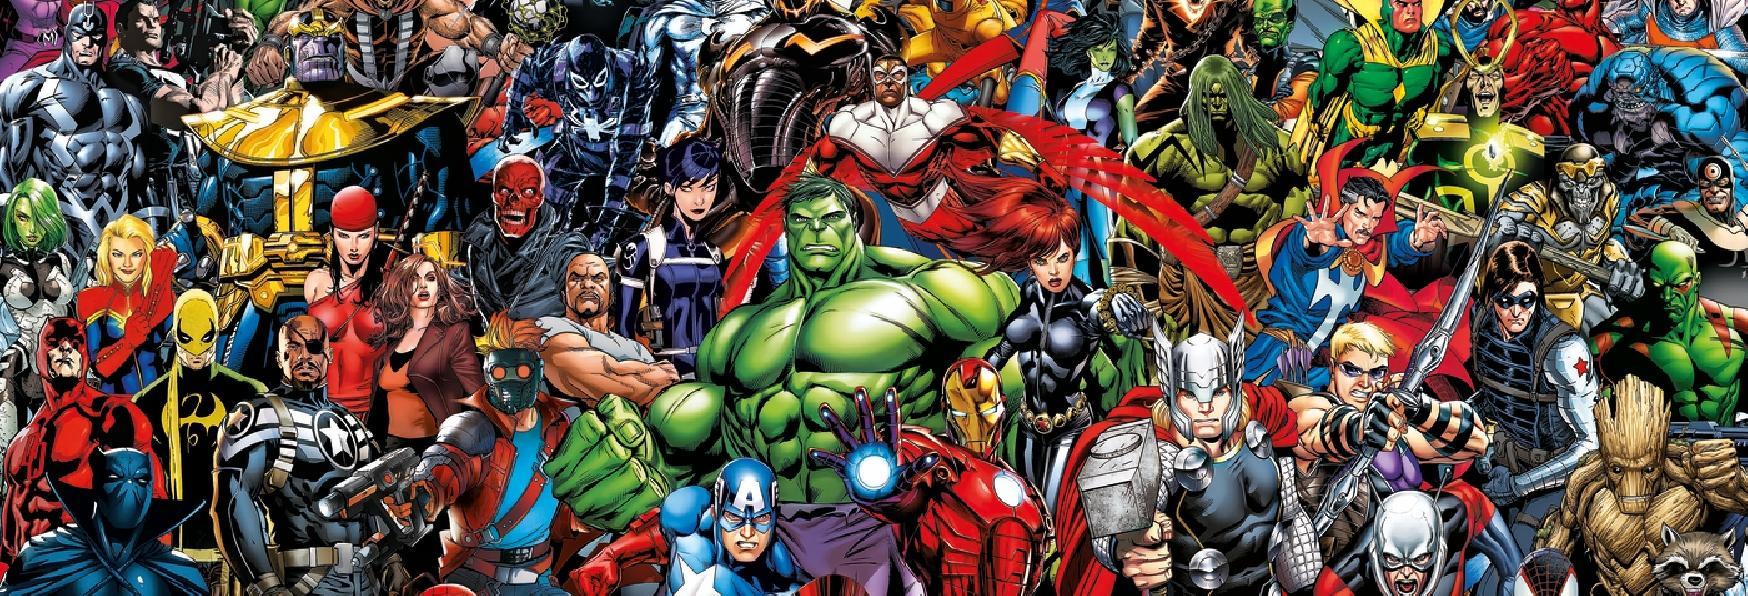 Disney+: News sulla lunghezza delle nuove serie targate Marvel